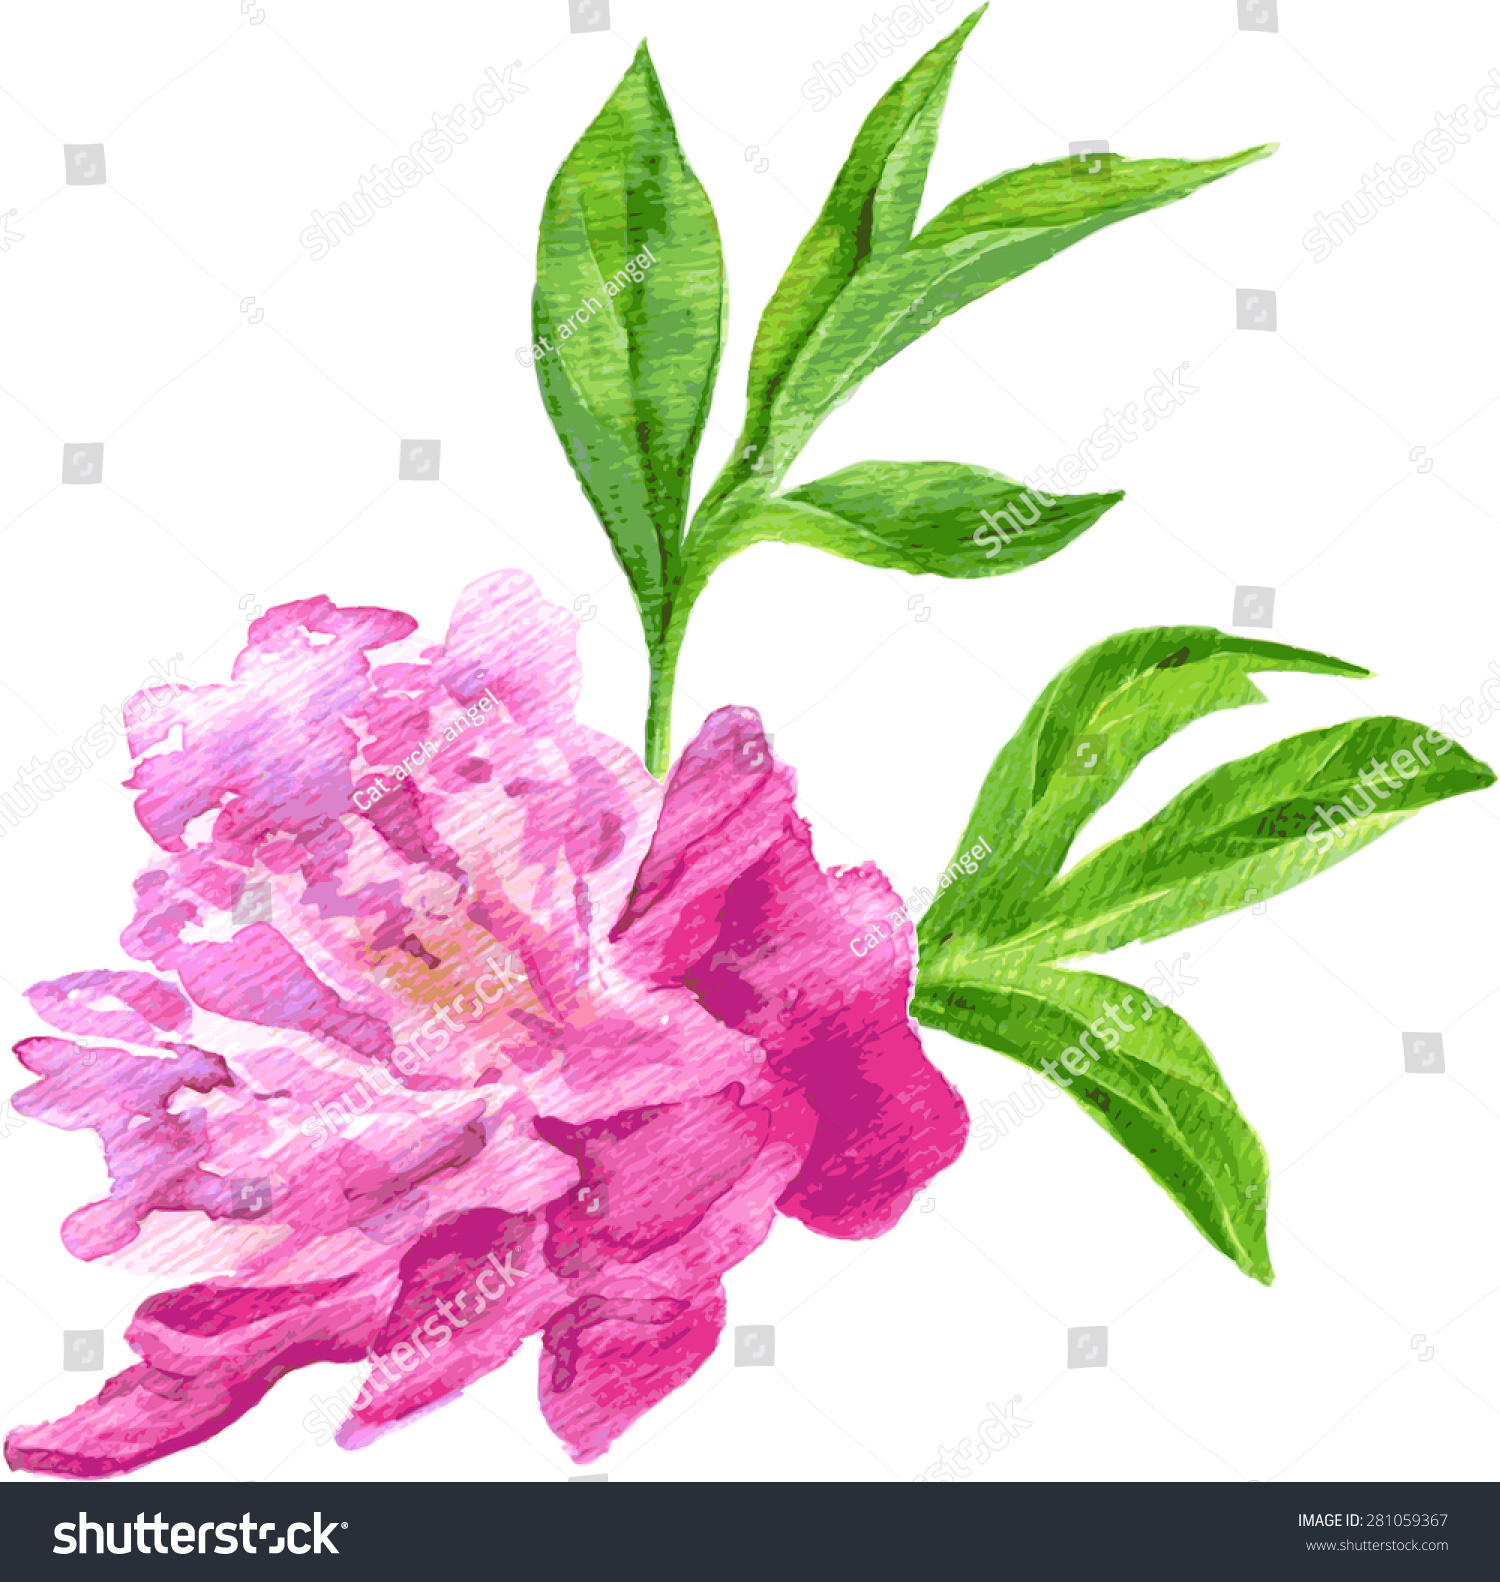 向量水彩粉色牡丹花朵和绿叶,手绘水彩画矢量插图